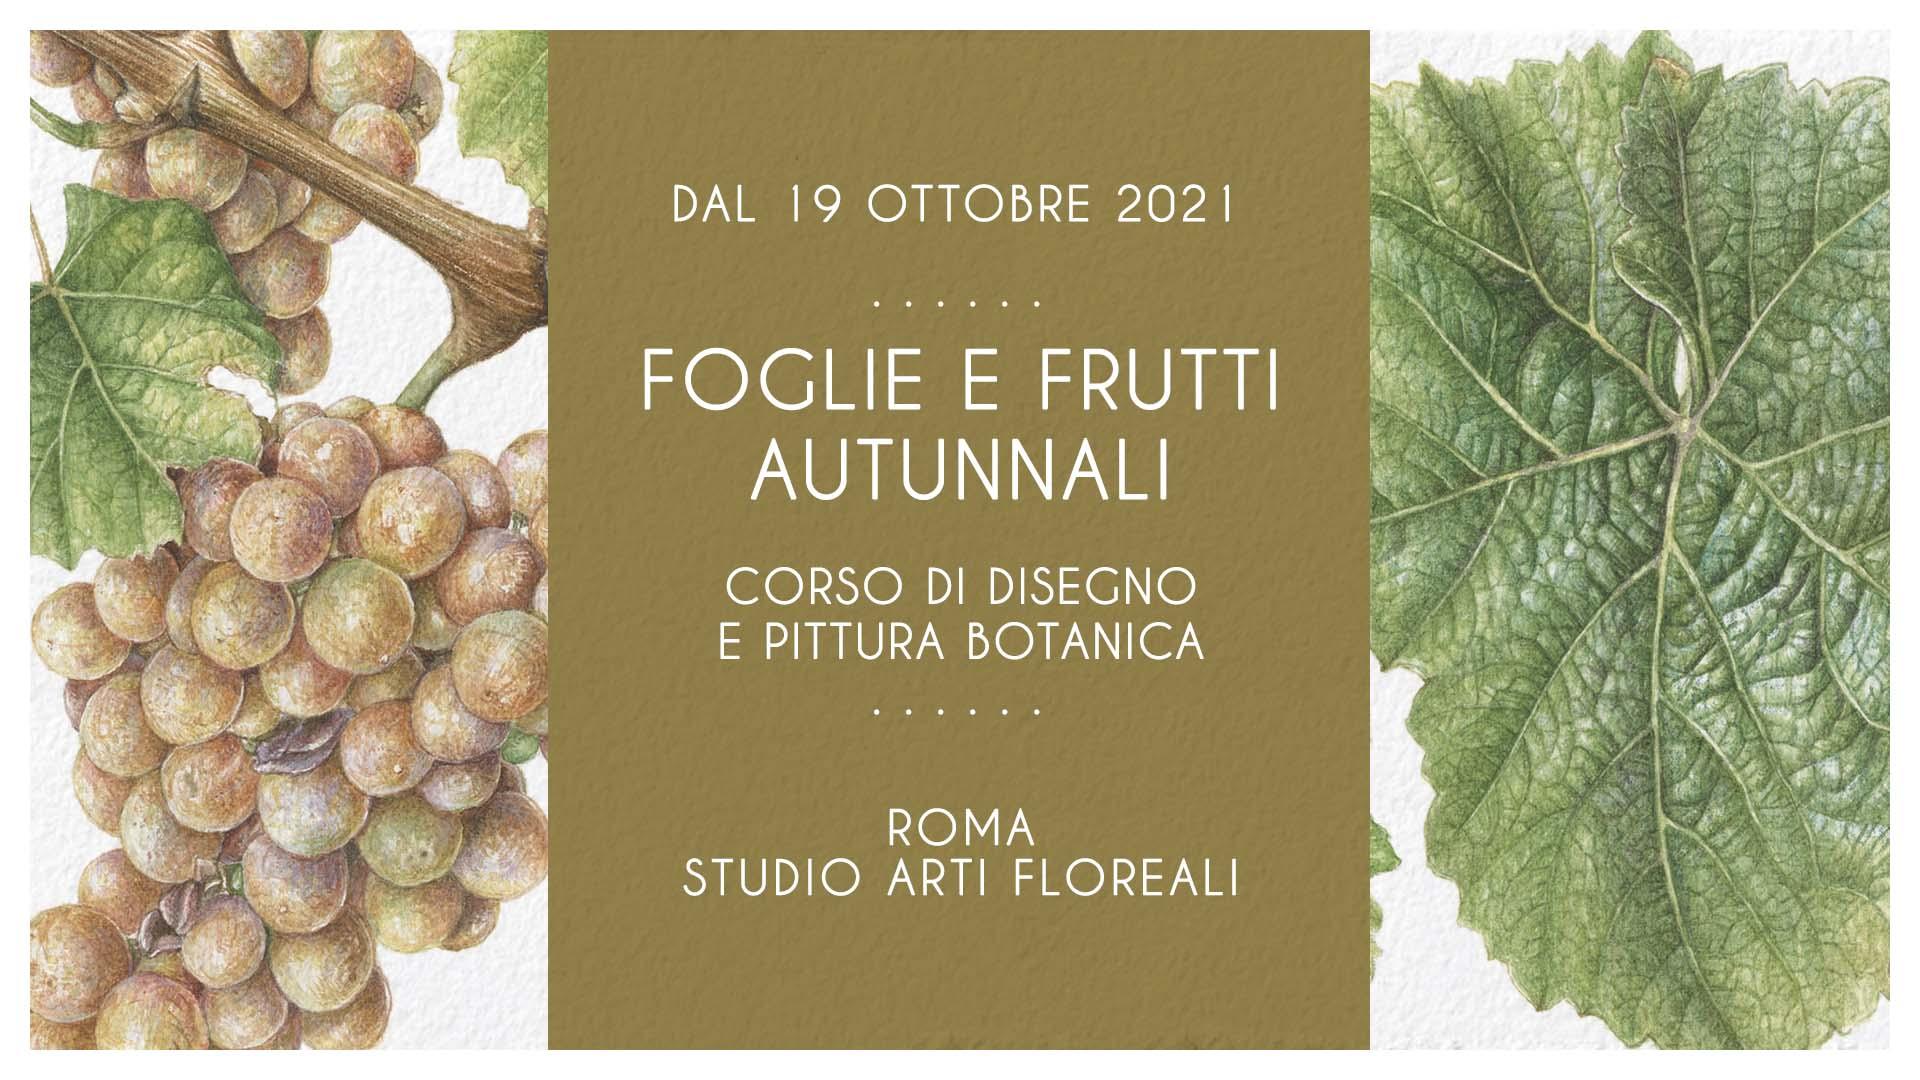 Foglie e Frutti Autunnali - Roma - Ottobre 2021